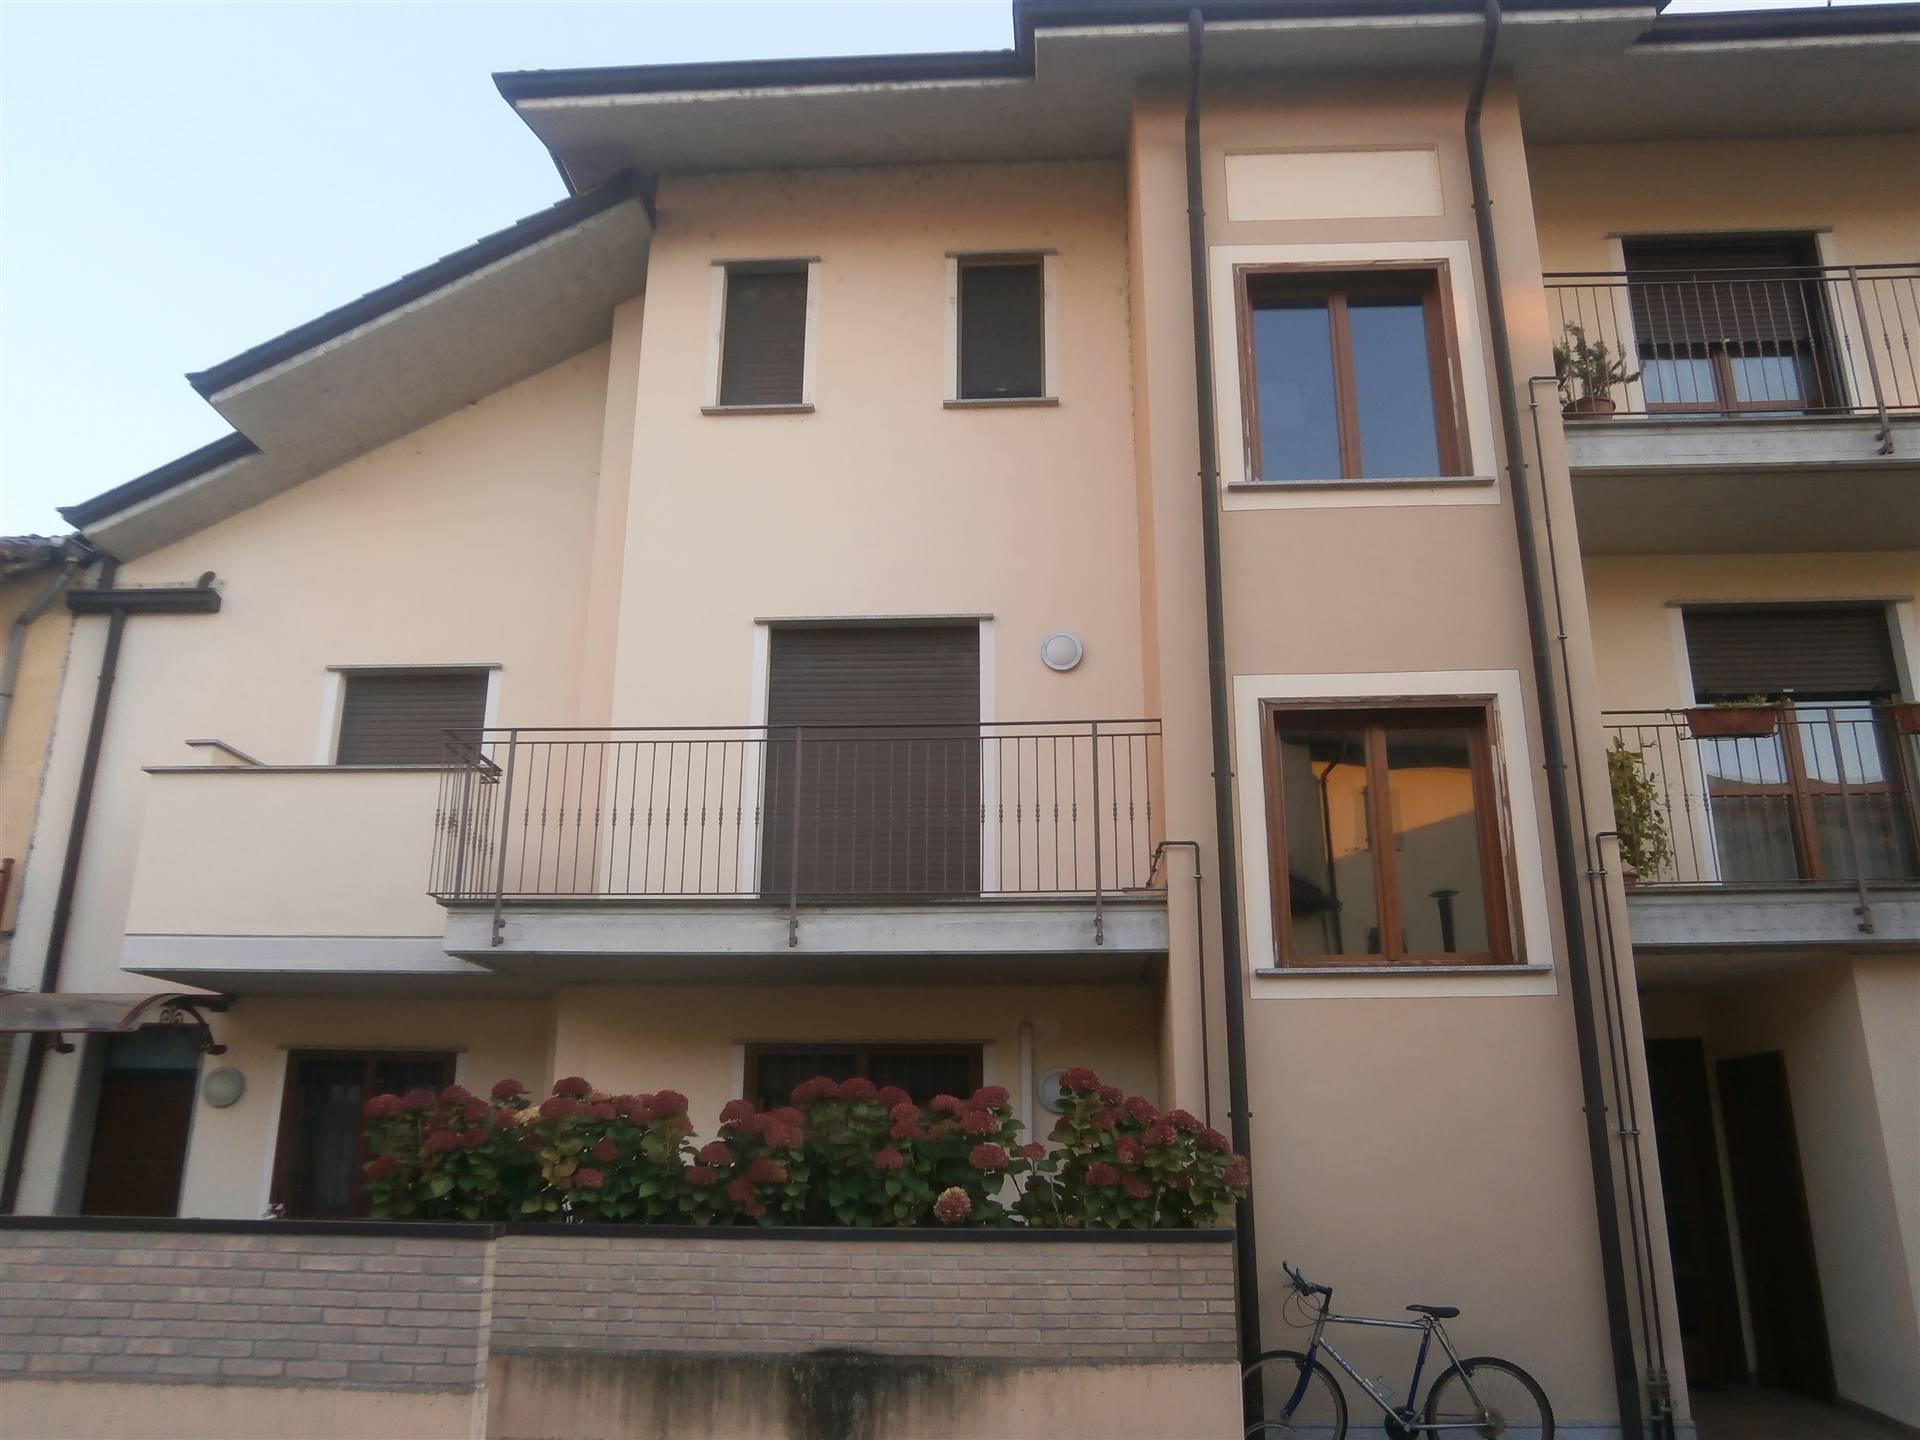 Appartamento nuovo a Mortara - 01, vista esterna